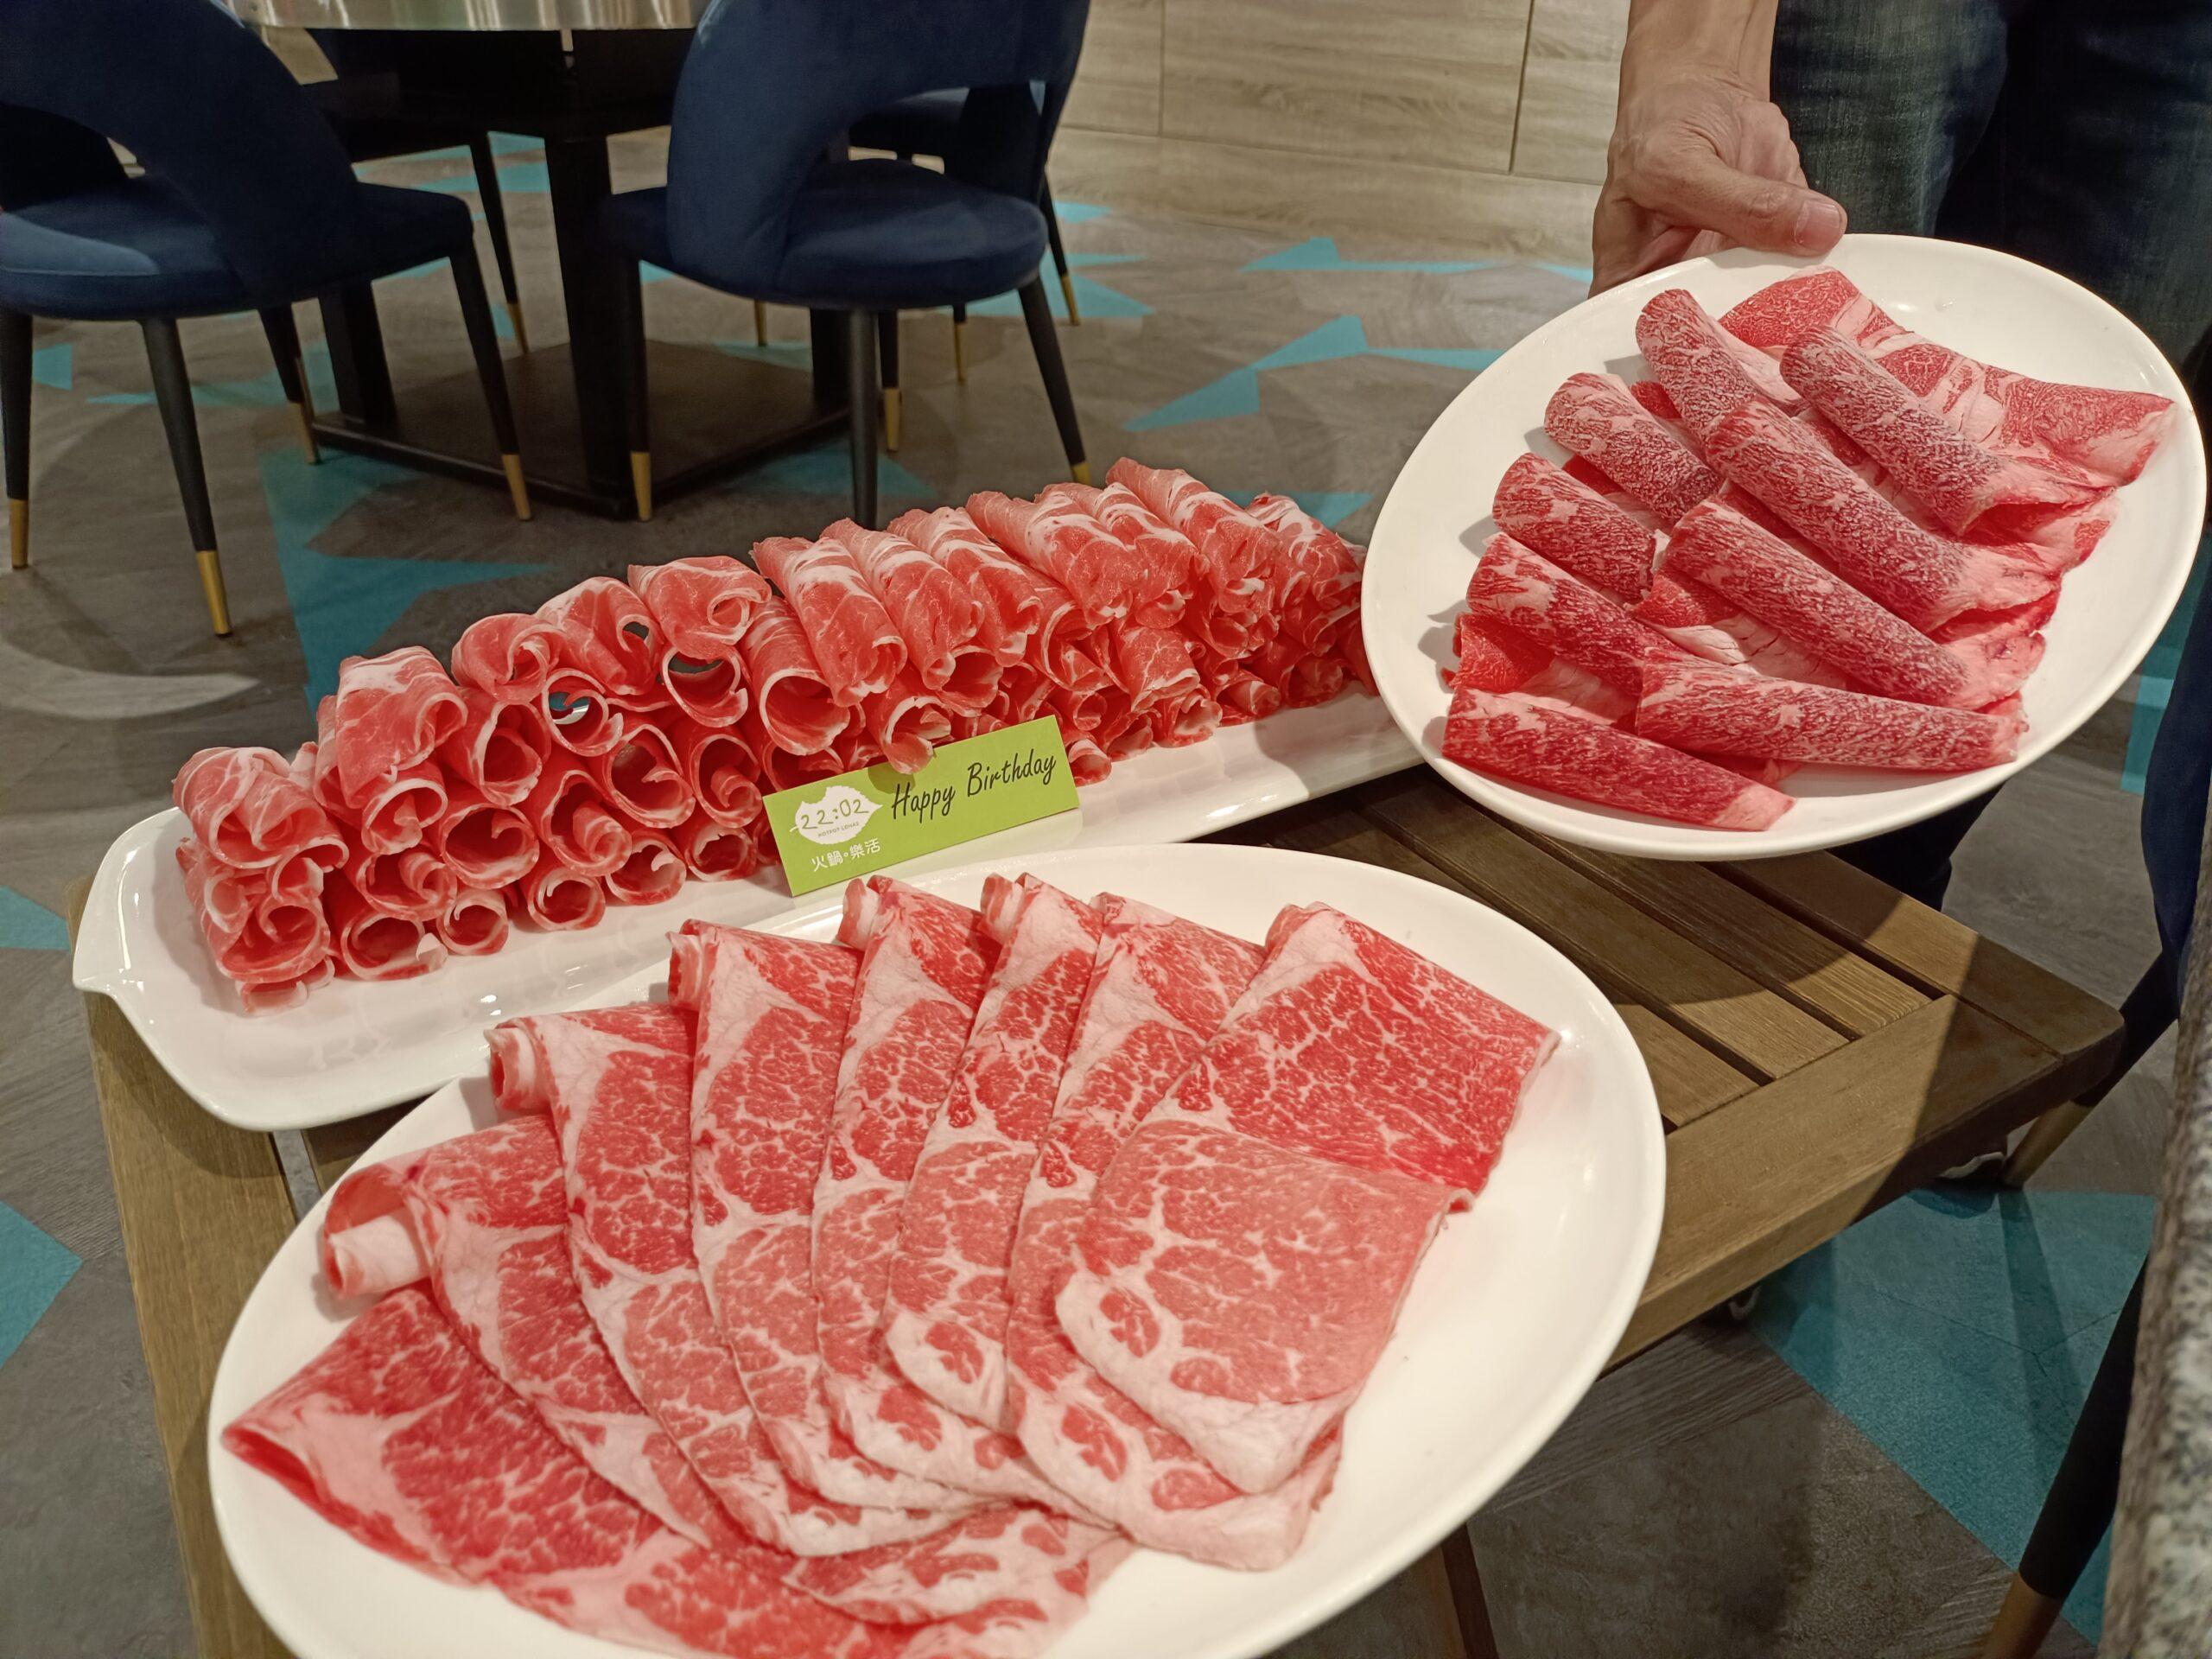 (公館美食)肉肉控不能錯過,叉燒肉多到滿出來-鷹流東京豚骨拉麺【極匠gokujoh】公館店